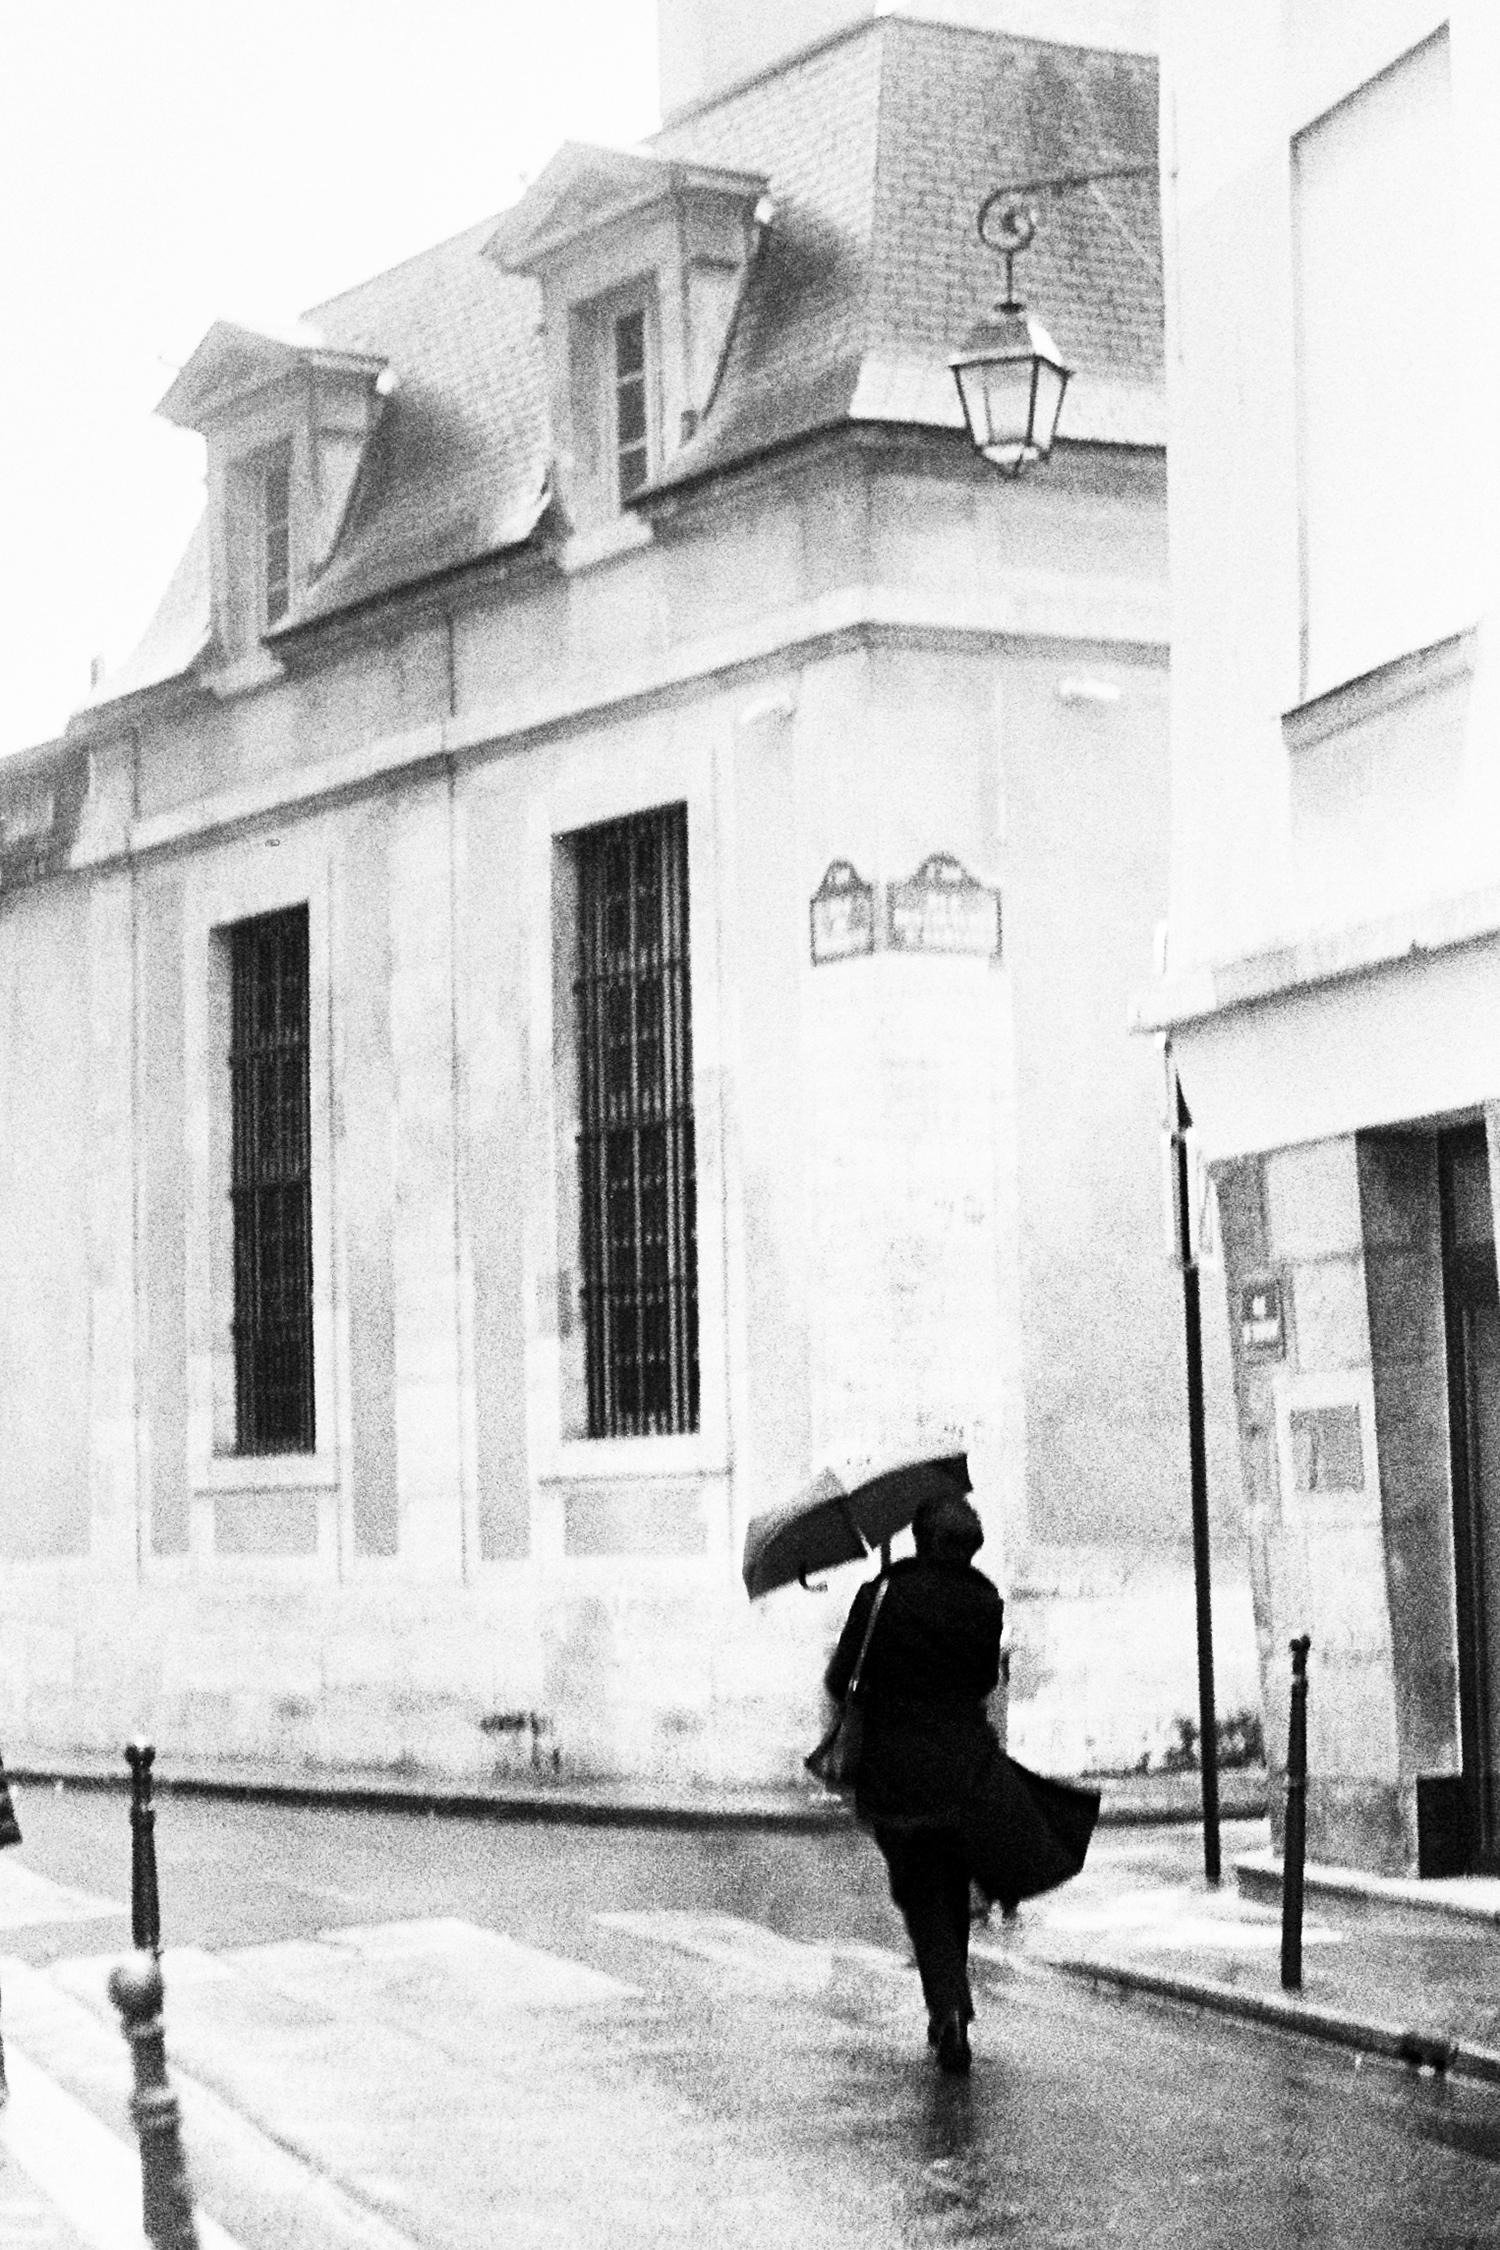 Paris_In_the_Winter057